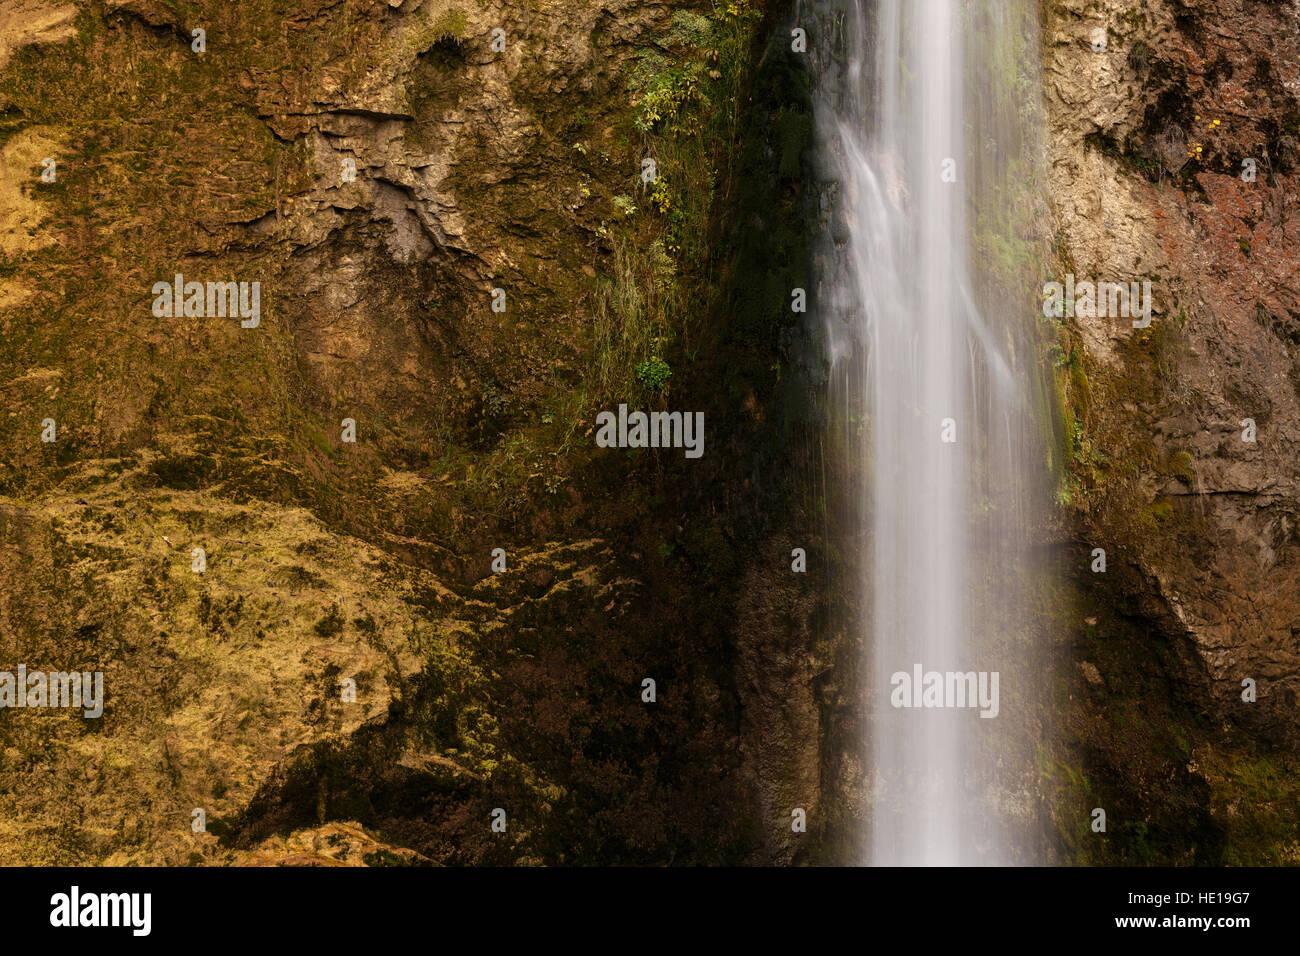 Astrazione dal paesaggio di Ilica cascata con bella la natura in autunno di Kure Montagne in Kastamonu, Turchia Immagini Stock